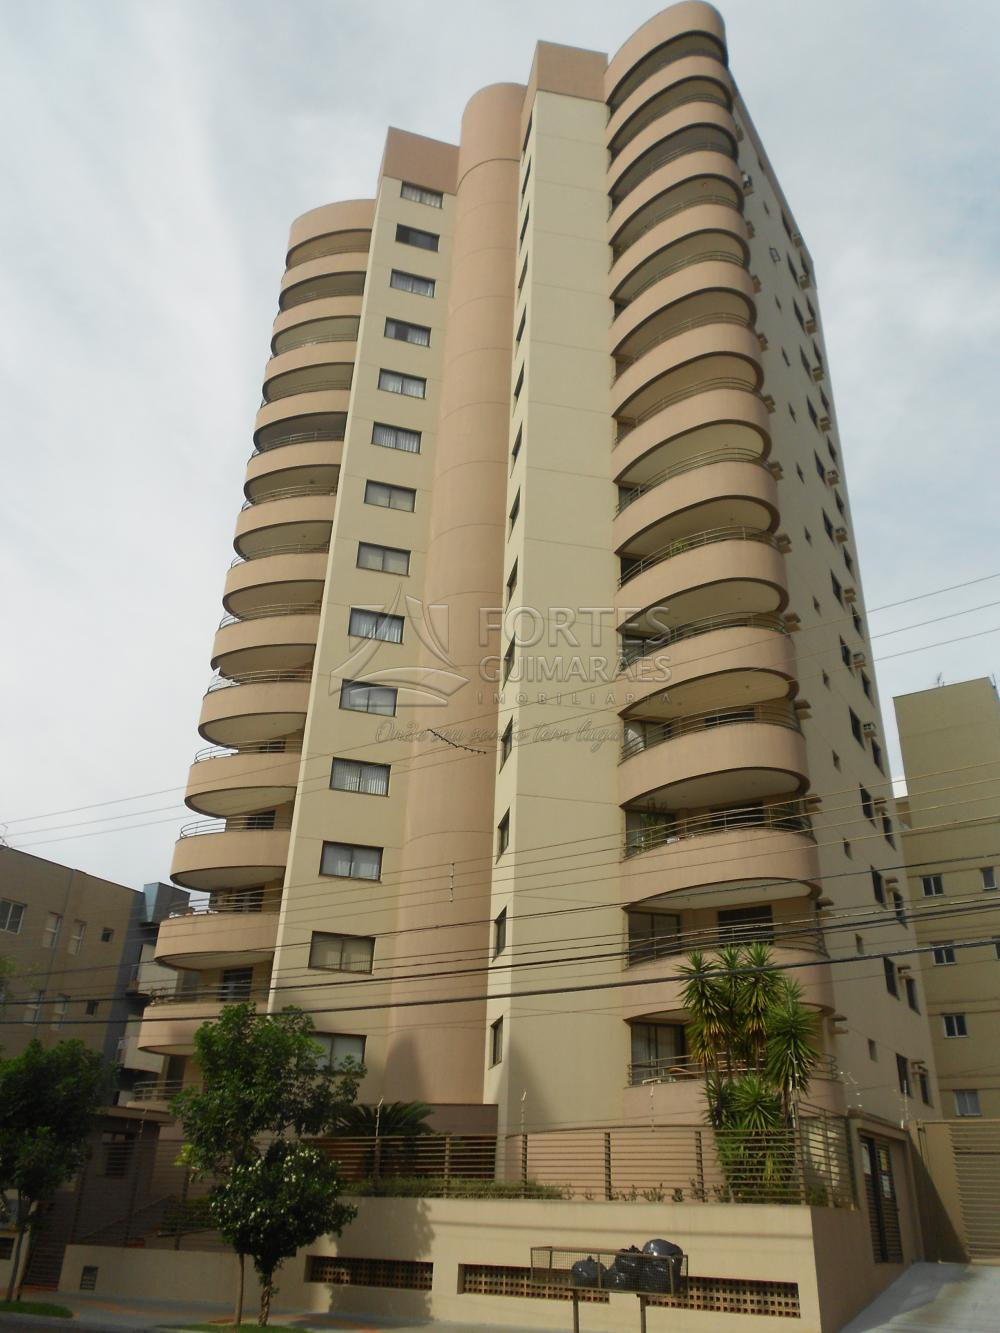 Alugar Apartamentos / Padrão em Ribeirão Preto apenas R$ 1.300,00 - Foto 51